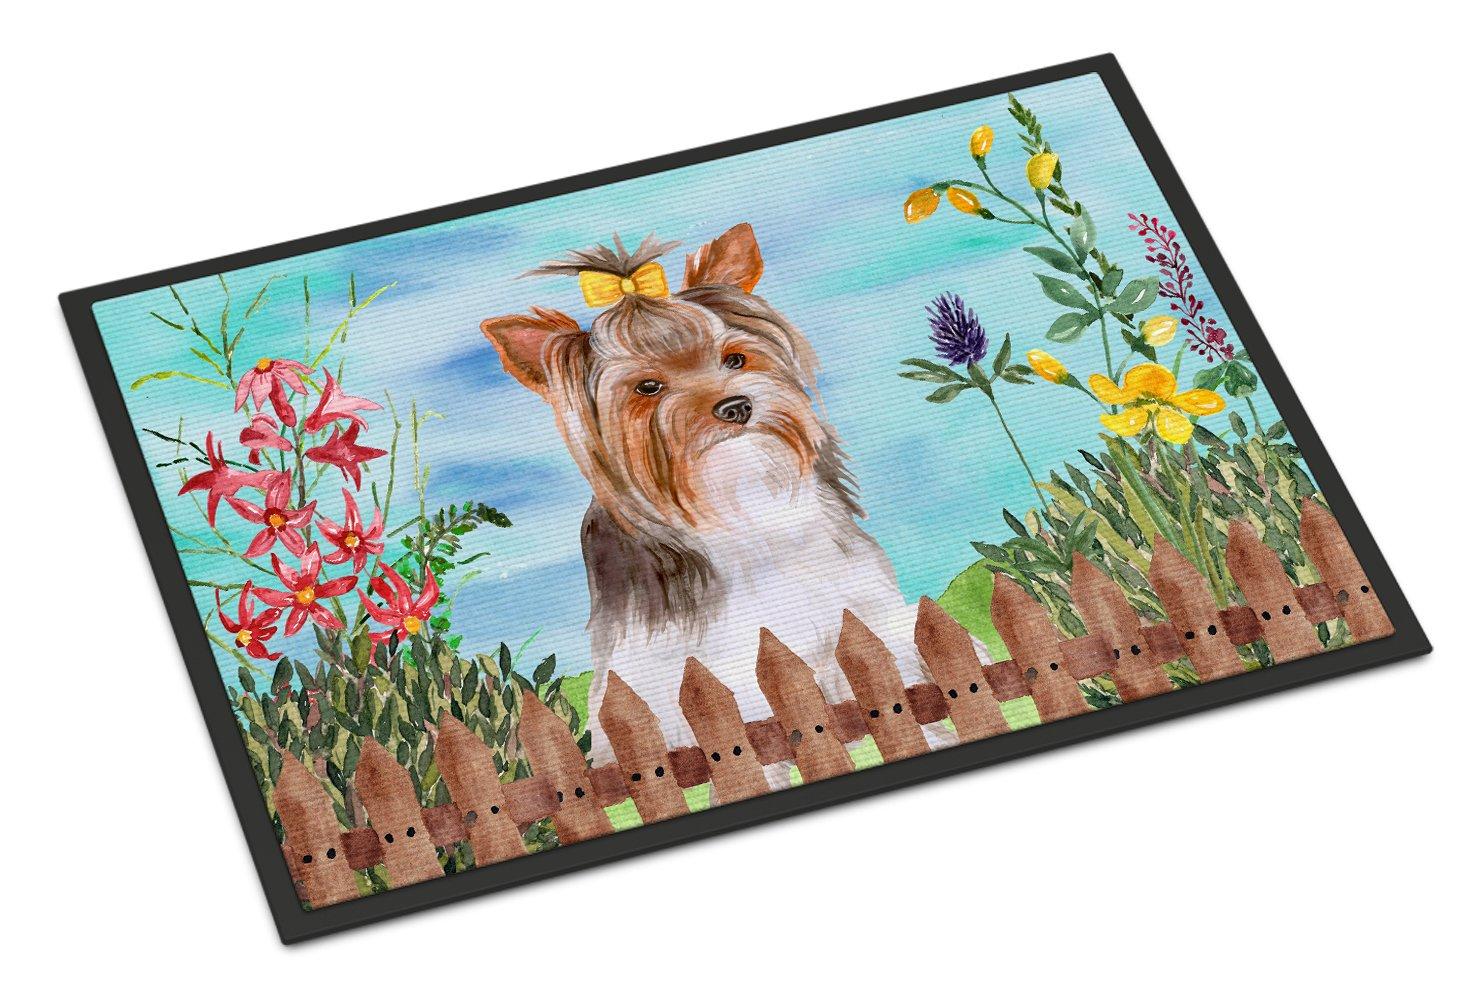 Carolines Treasures Tibetan Mastiff Spring Doormat 18 x 27 Multicolor